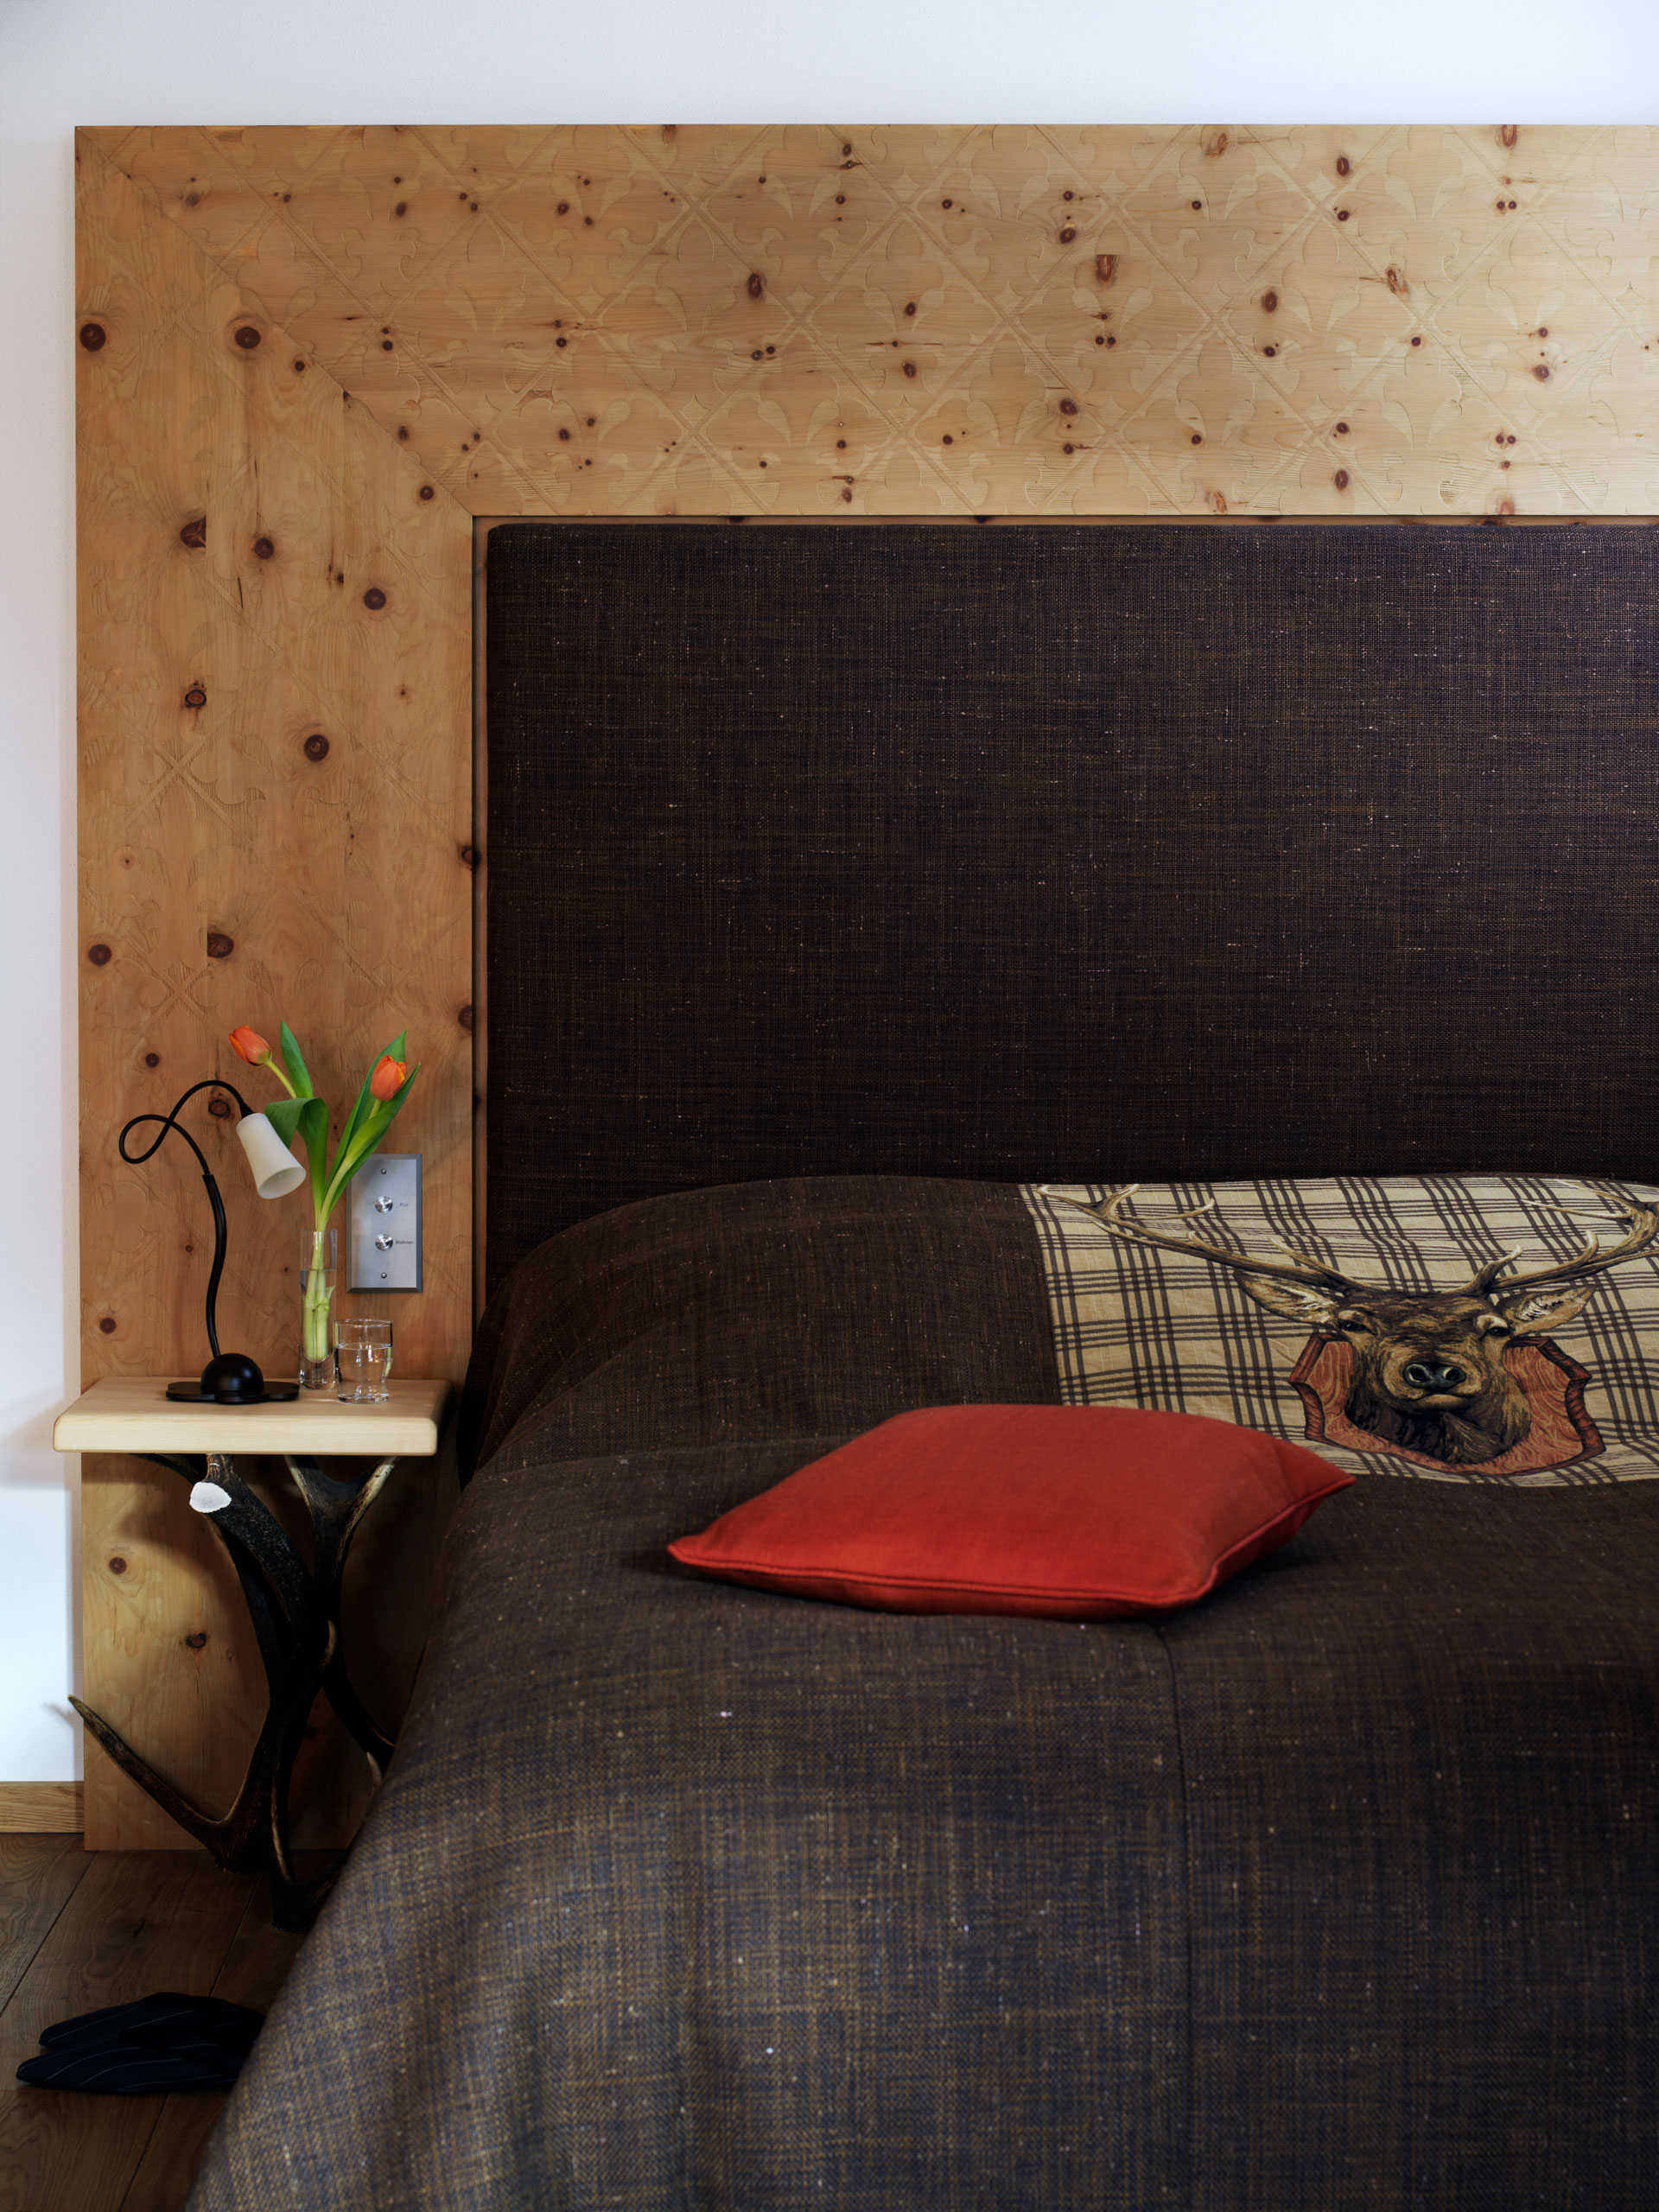 Tischlerei-Decker-Projekte-Egerner-Hoefe-Bett-Close-up